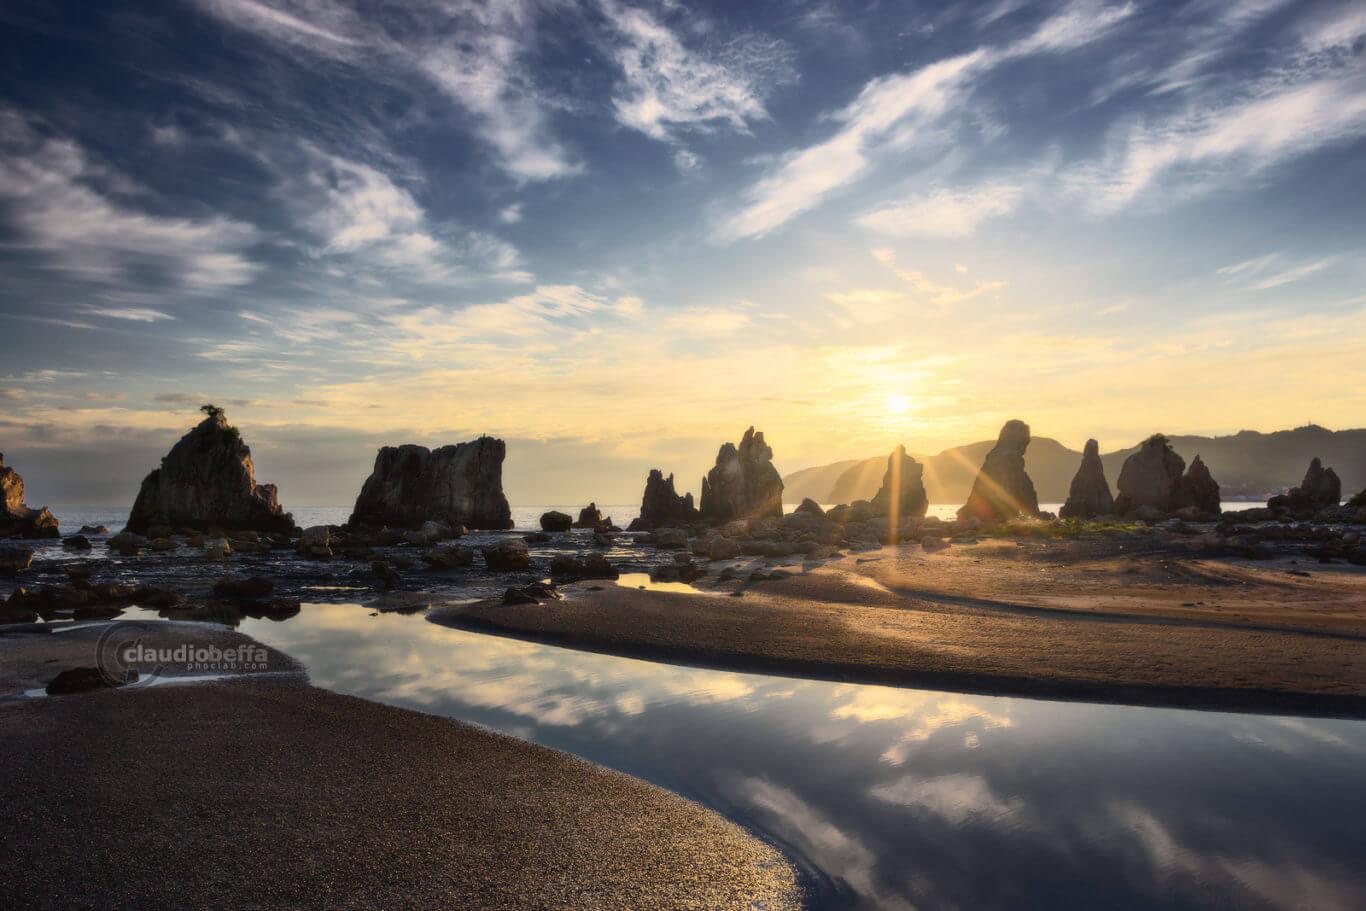 Hashigui Iwa, Hashigui rocks, seascape, landscape, sunrise, Rising up to the light, Japan, Kii peninsula, Kii Oshima, Wakayama, Kushimoto, autumn, fall, island, travel, photography, phoclab